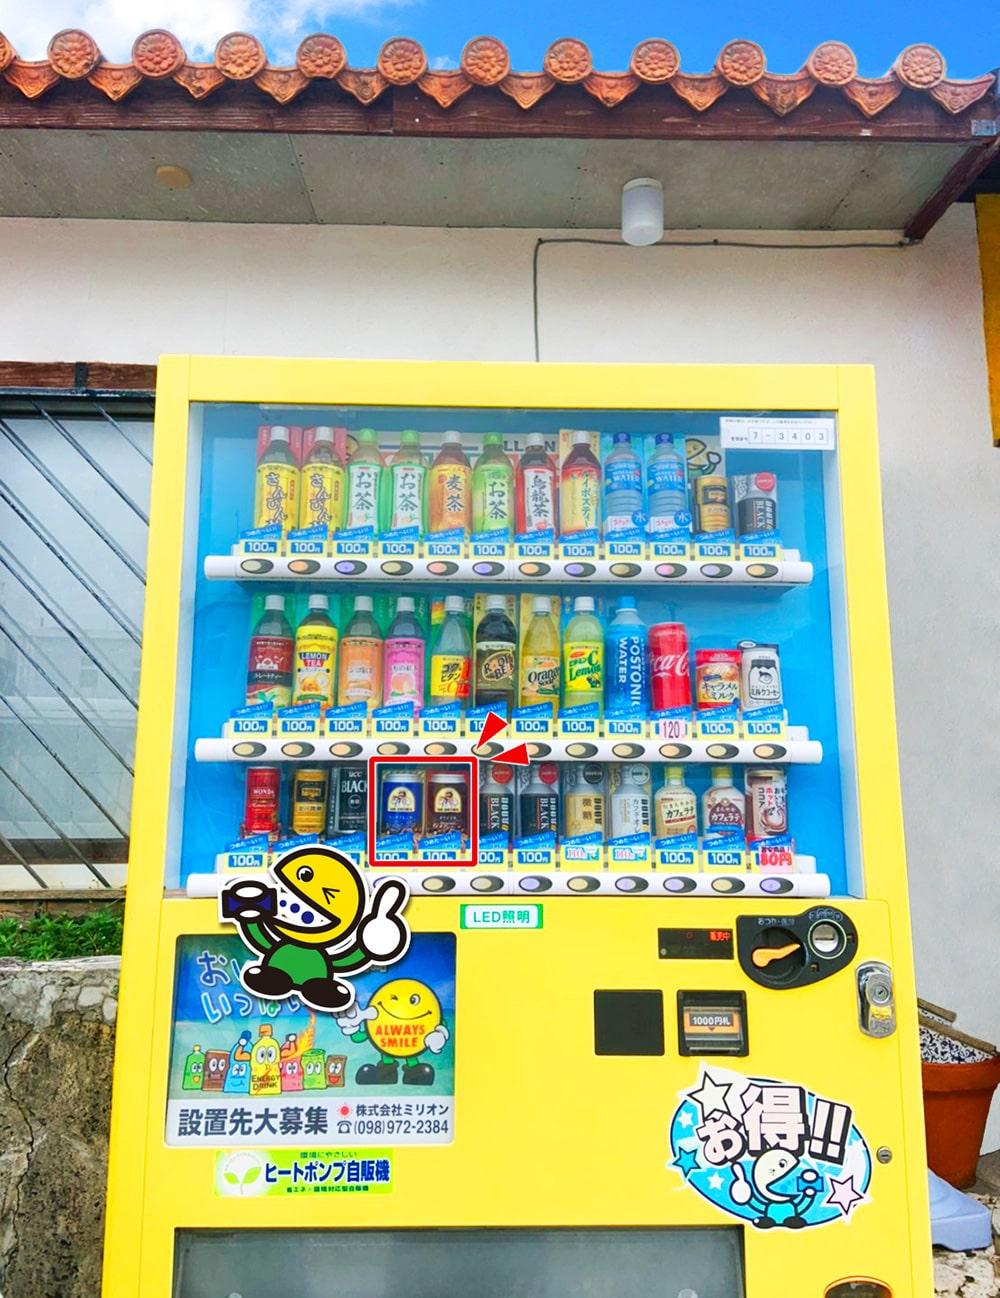 MR.BROWNは台湾のコーヒーカフェチェーン 設置自販機